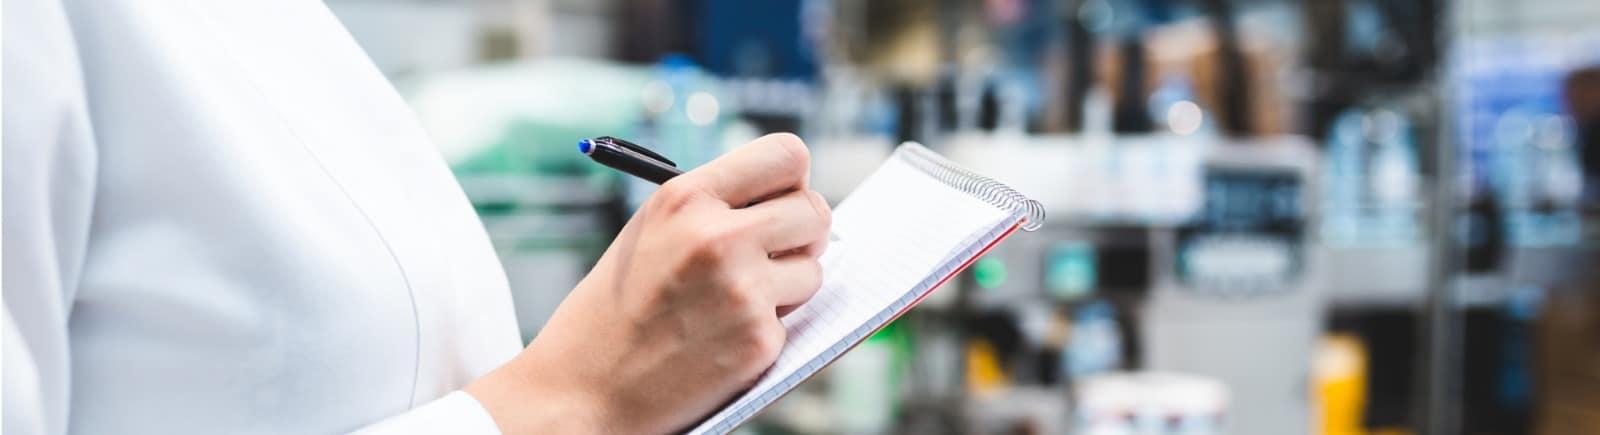 Despre consultanta regulament pentru protectia datelor